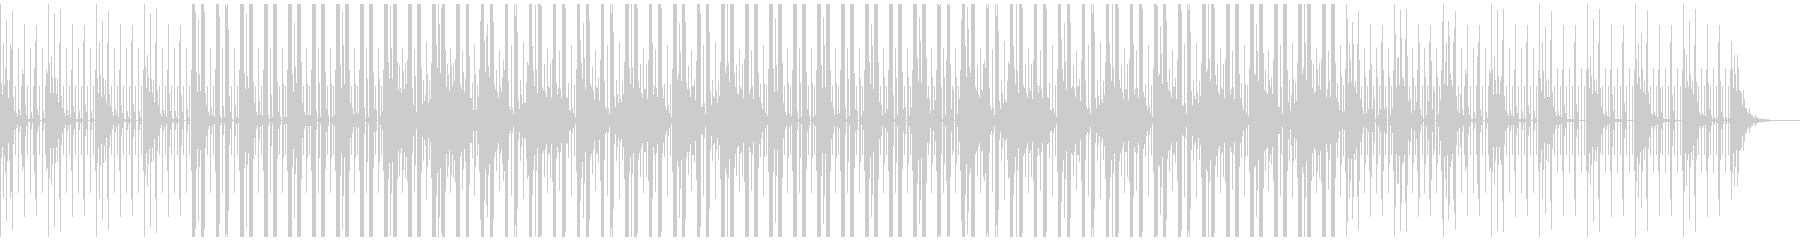 チルアウトなヒップホップBGMの未再生の波形